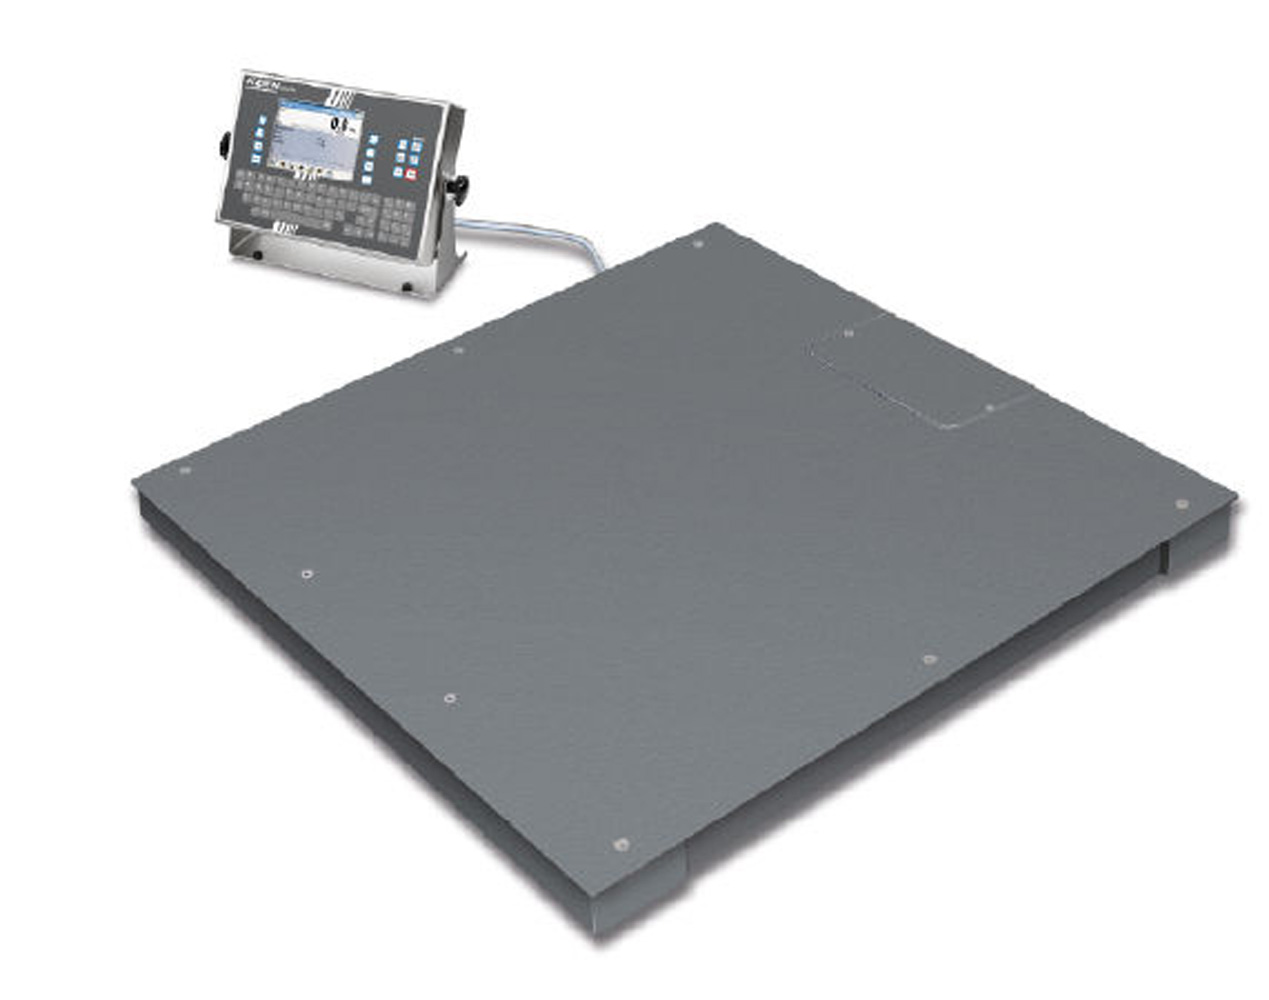 Wägebrücke mit verschraubter Wägeplatte (IP68) und Touchscreen-Auswertegerät (IP66) mit umfangreichen Industriefunktionen